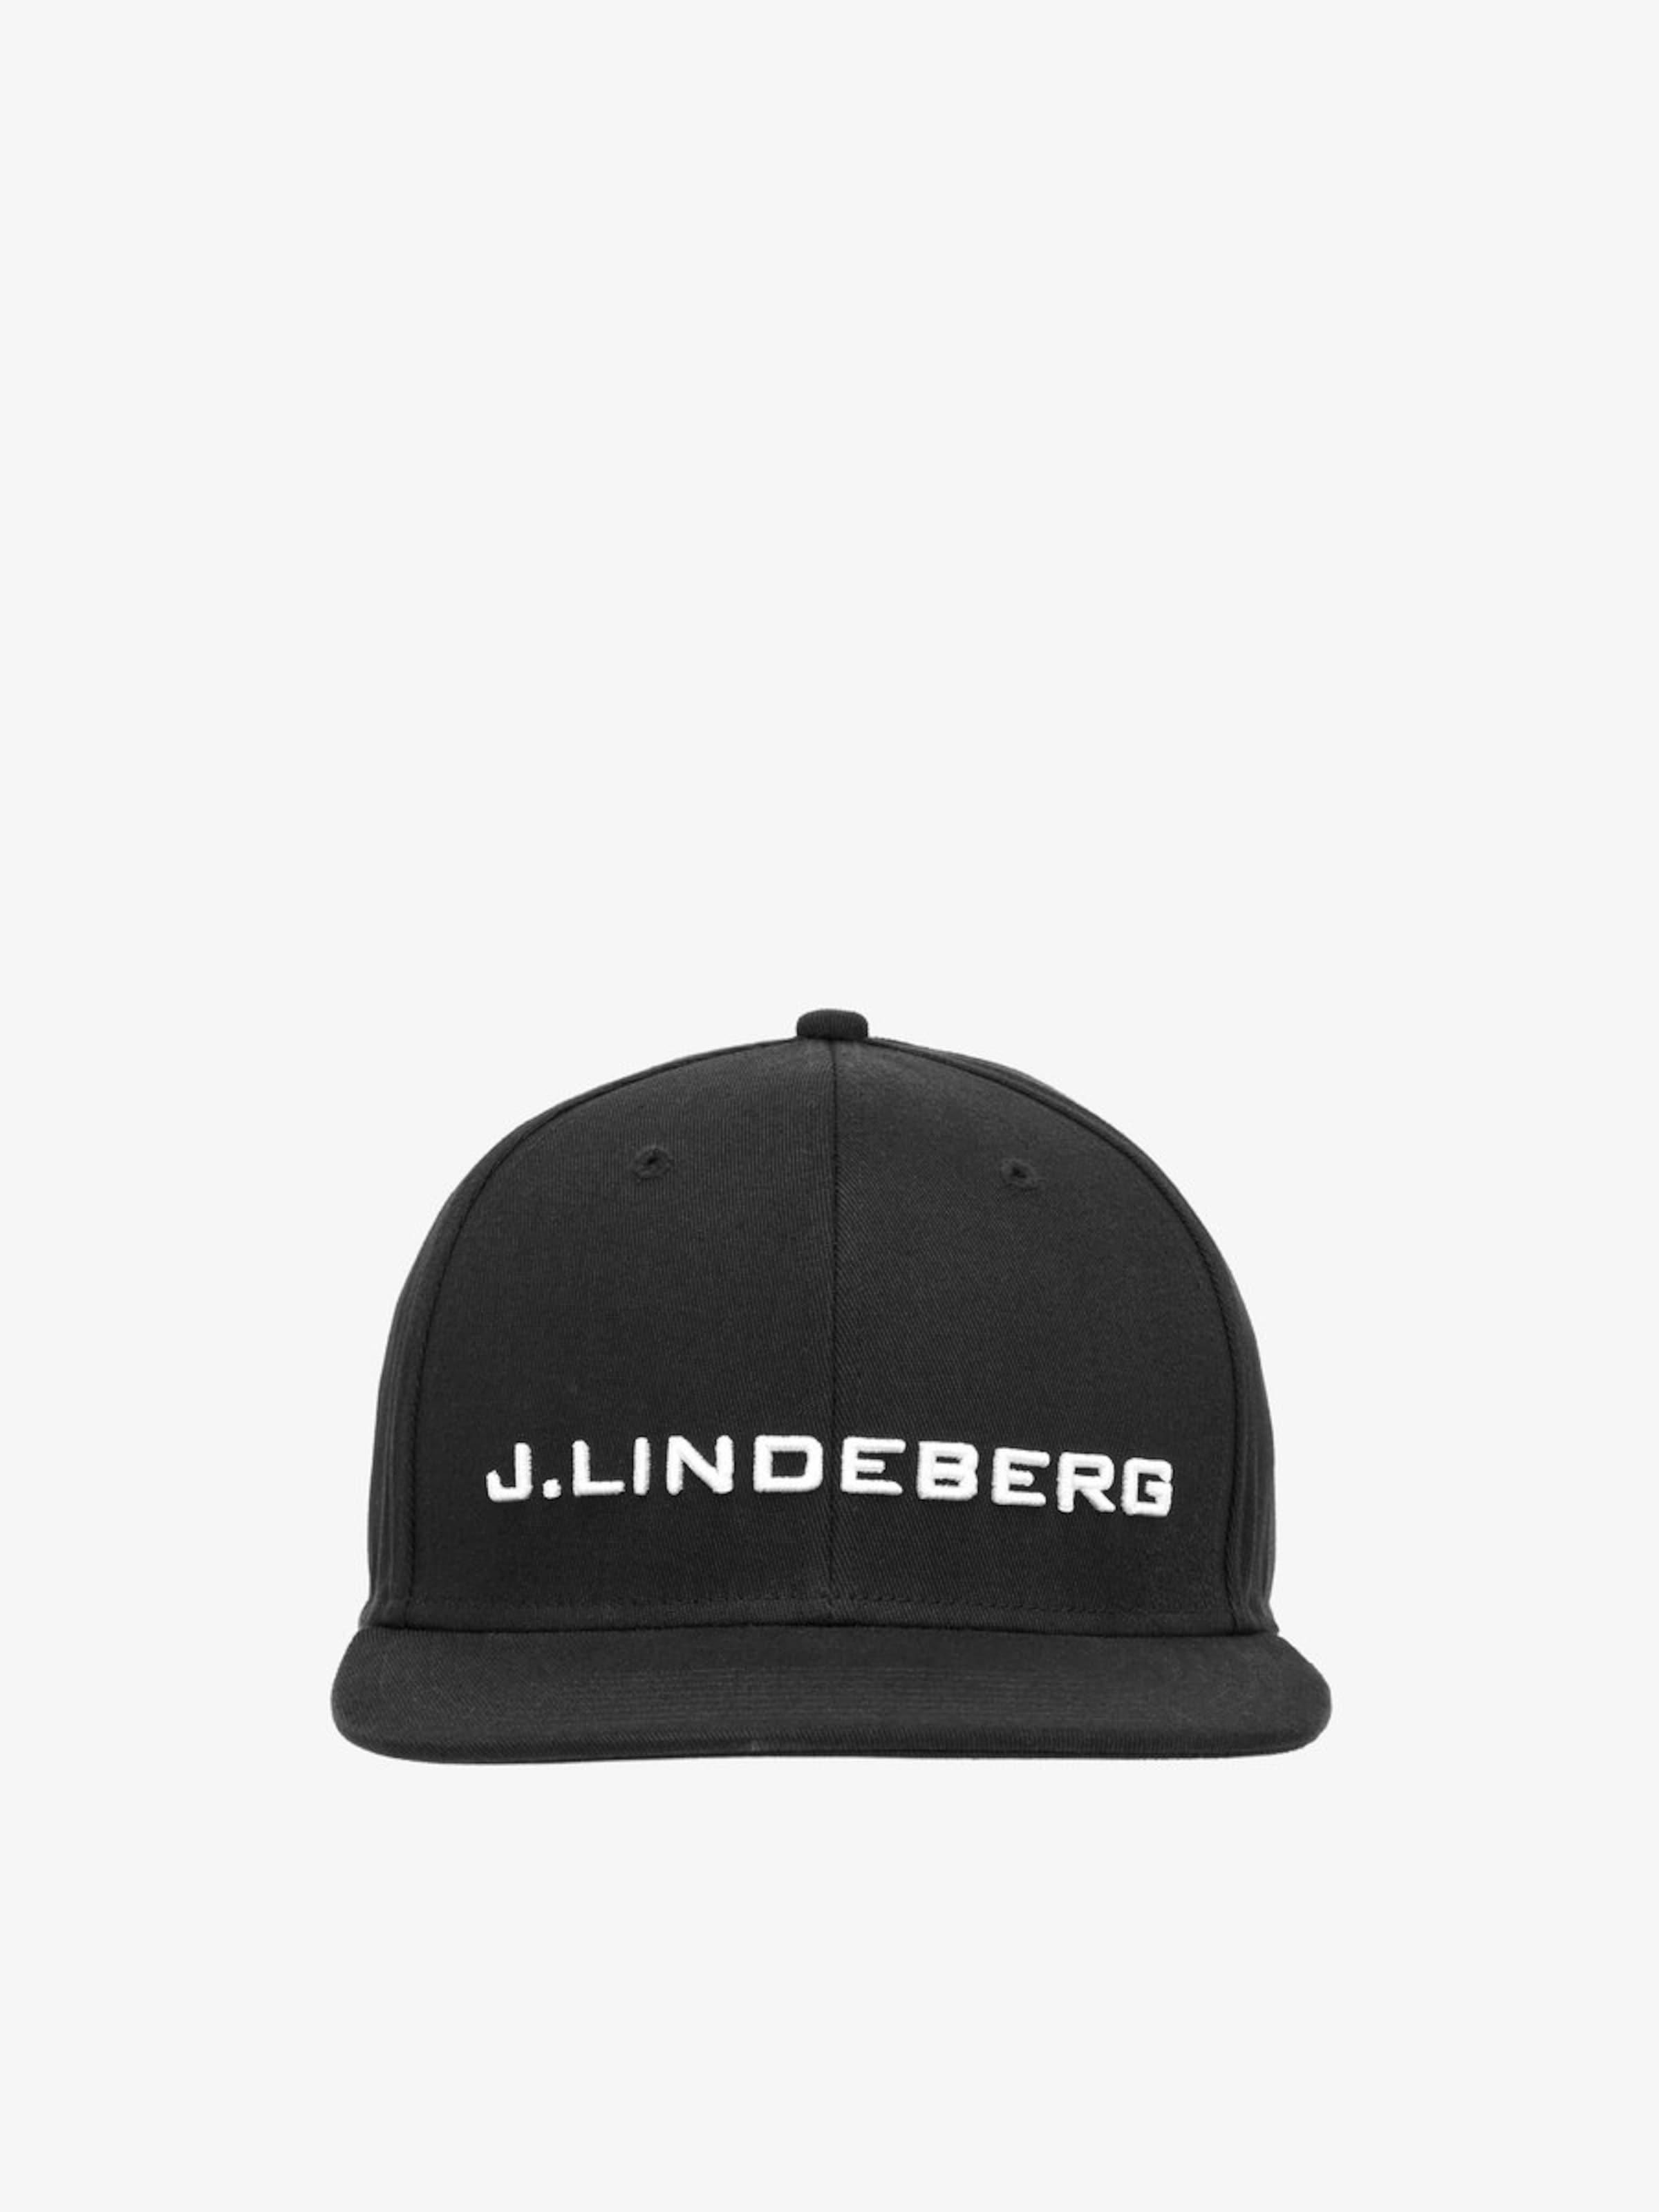 J.Lindeberg Flexi Twill Cap 'Colton' Verkauf 2018 Neueste Verkauf Authentisch Online-Verkauf Günstiges Online-Shopping fRRuFMXd